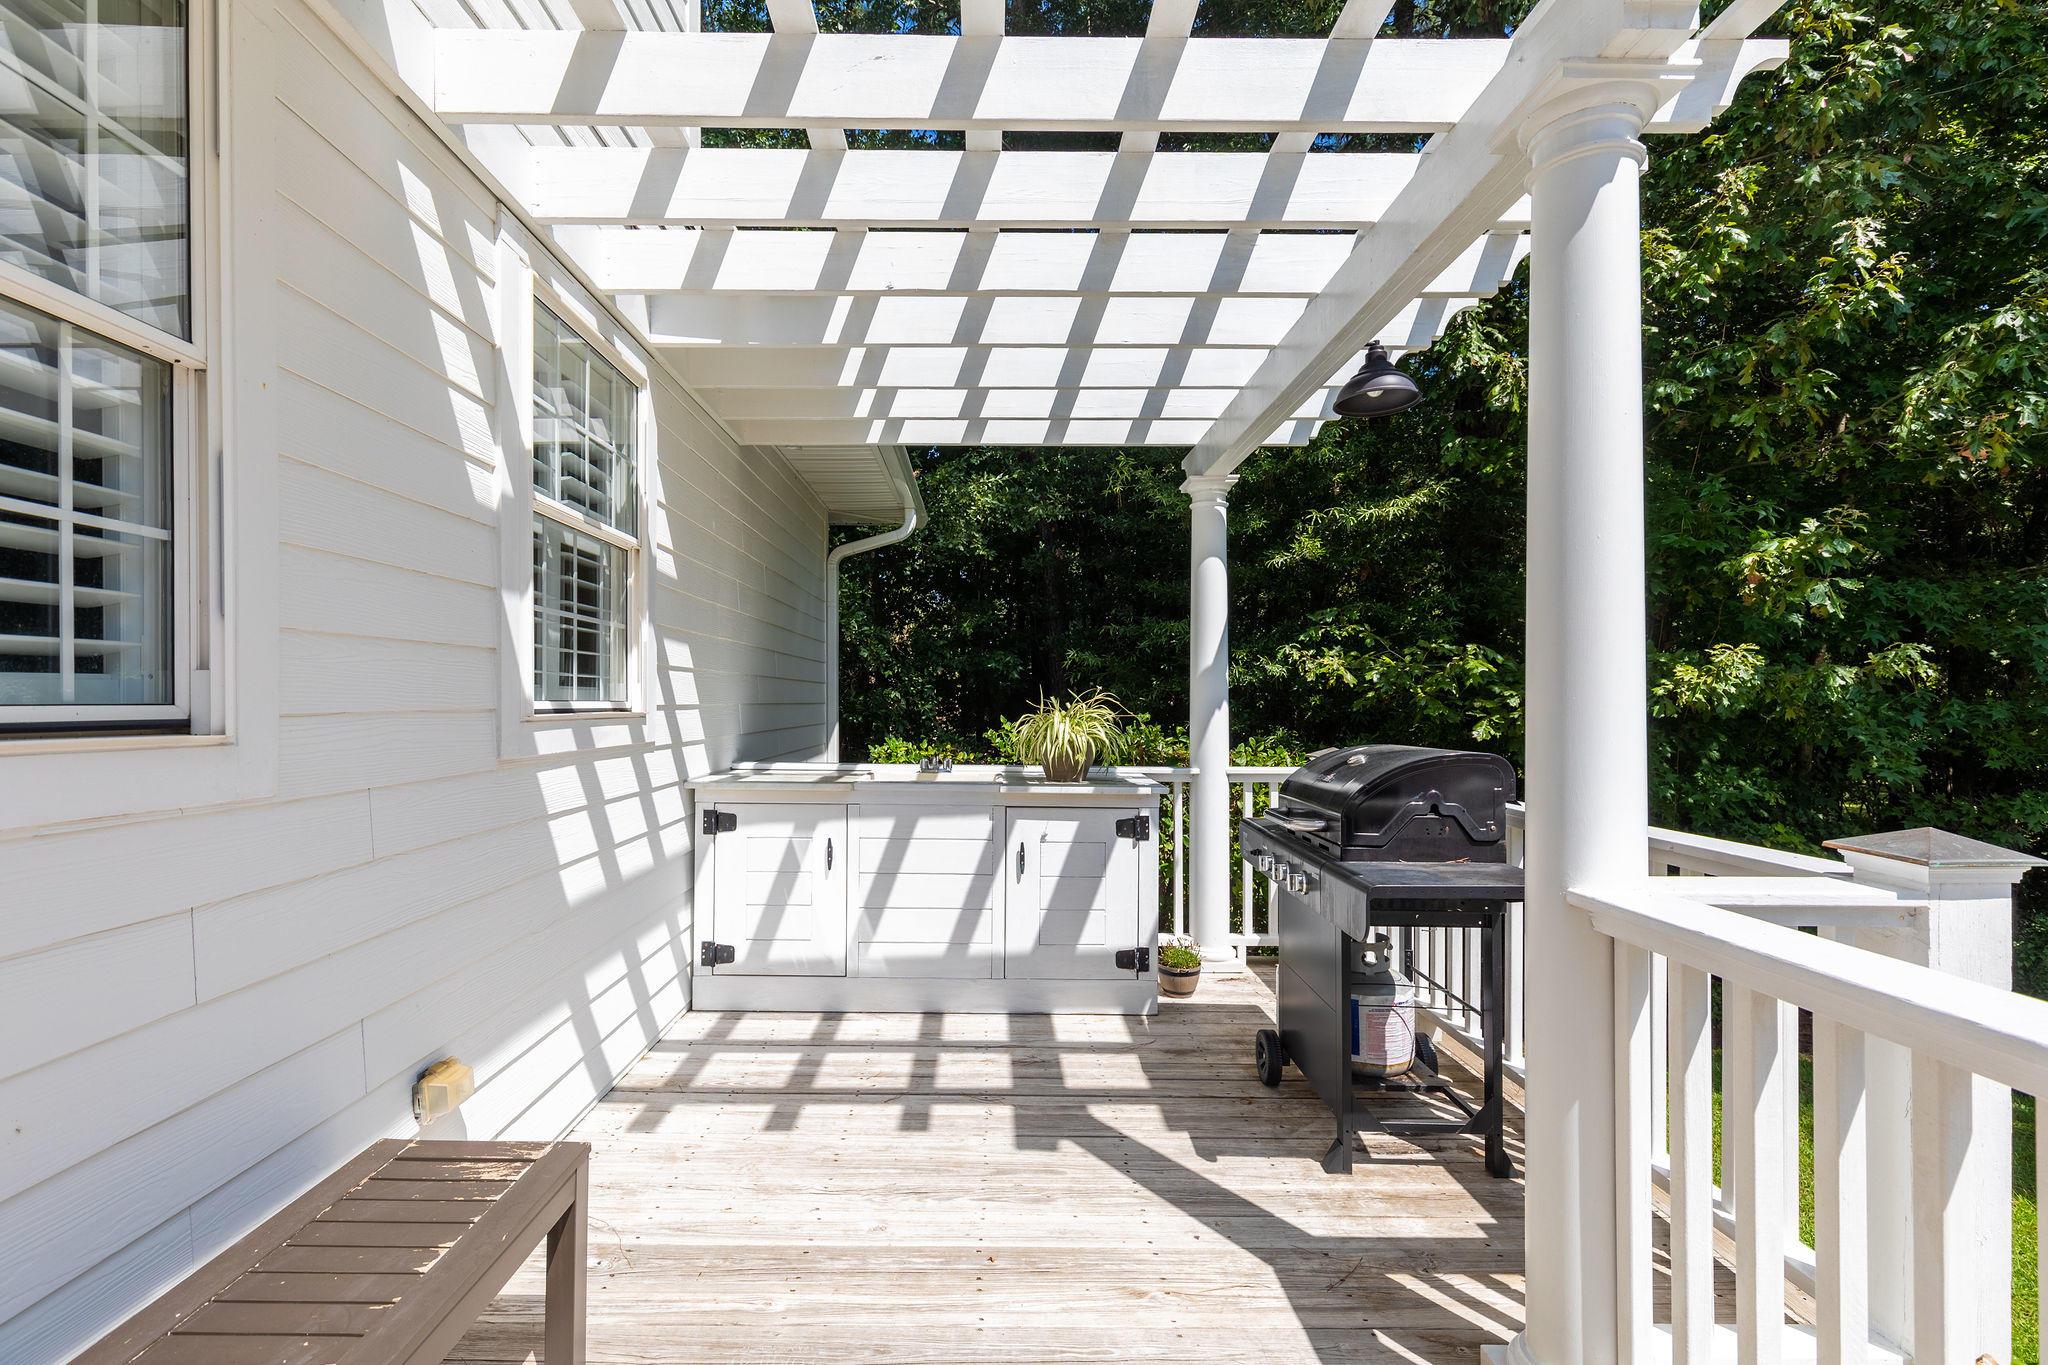 Dunes West Homes For Sale - 3201 Cottonfield, Mount Pleasant, SC - 5